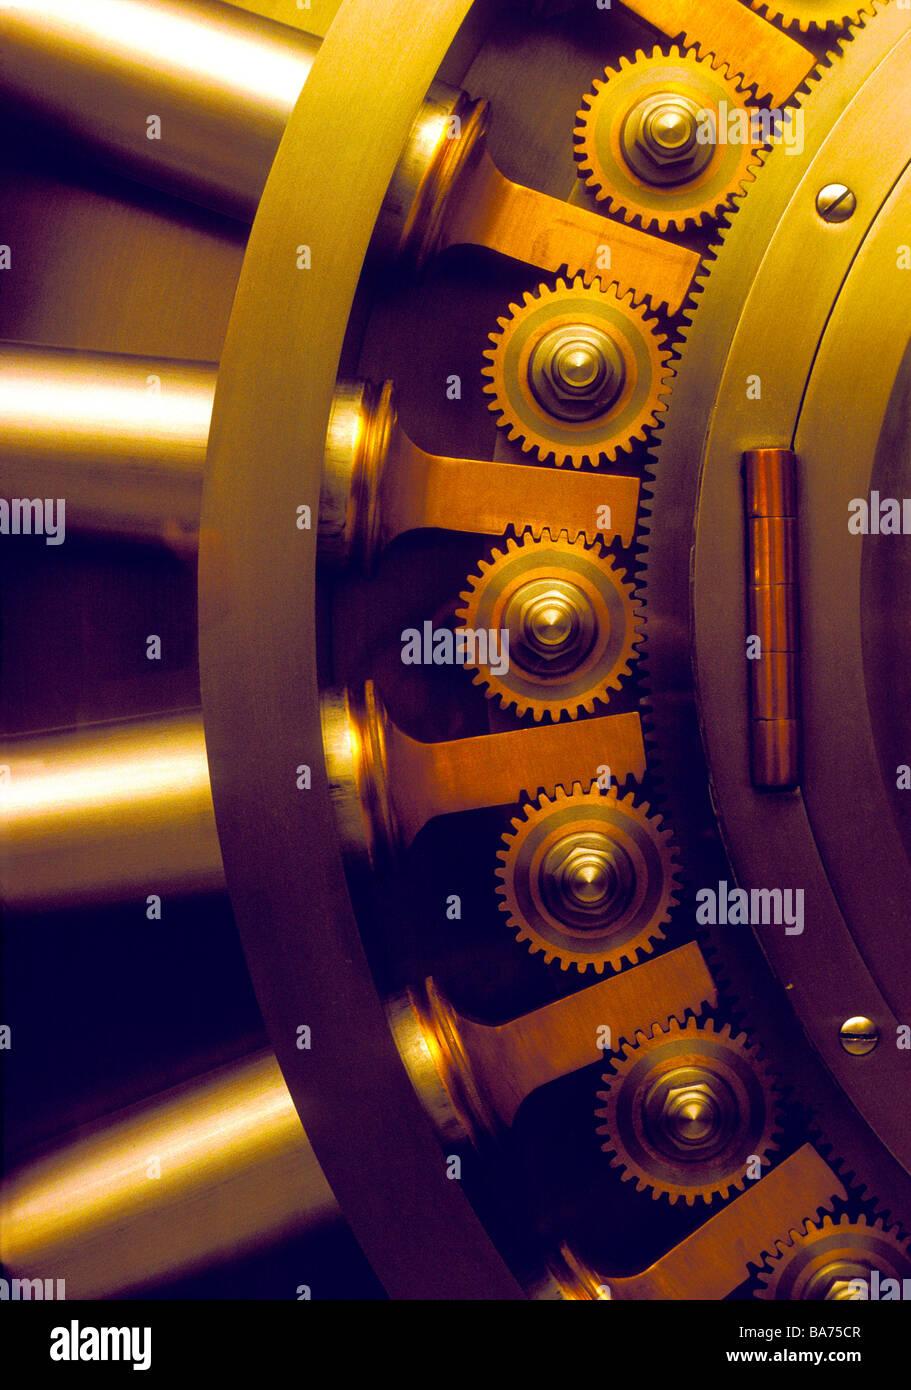 Steel and brass bank safe vault door. - Stock Image